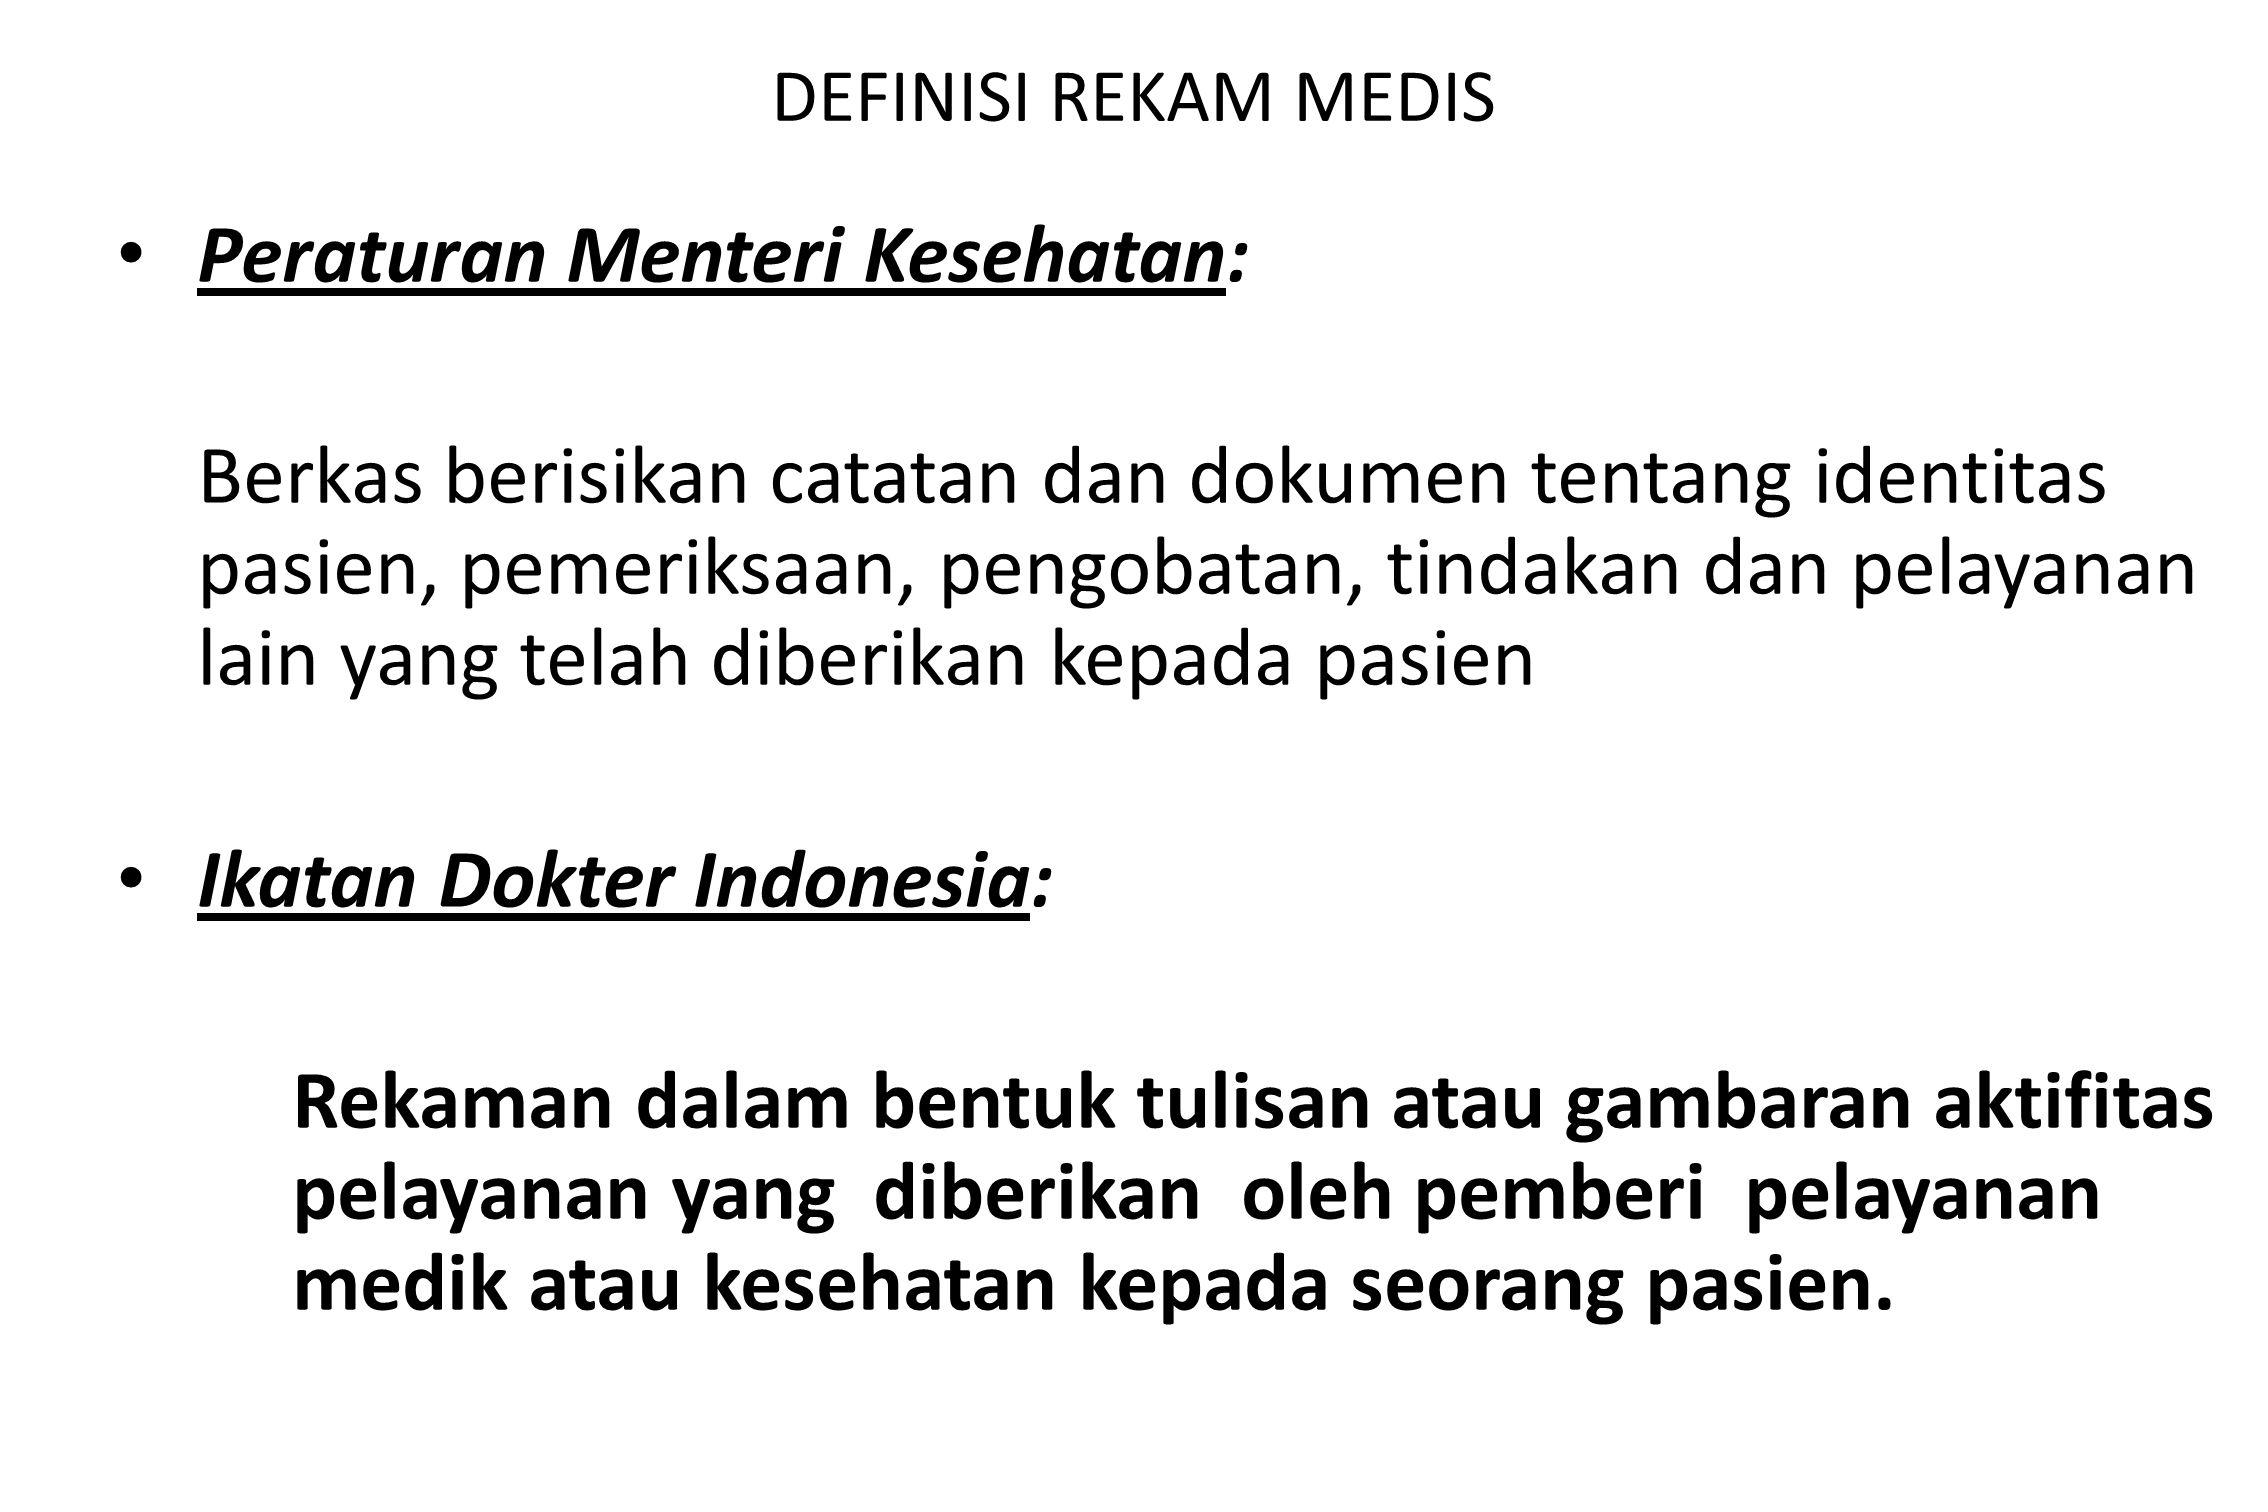 Peraturan Menteri Kesehatan: